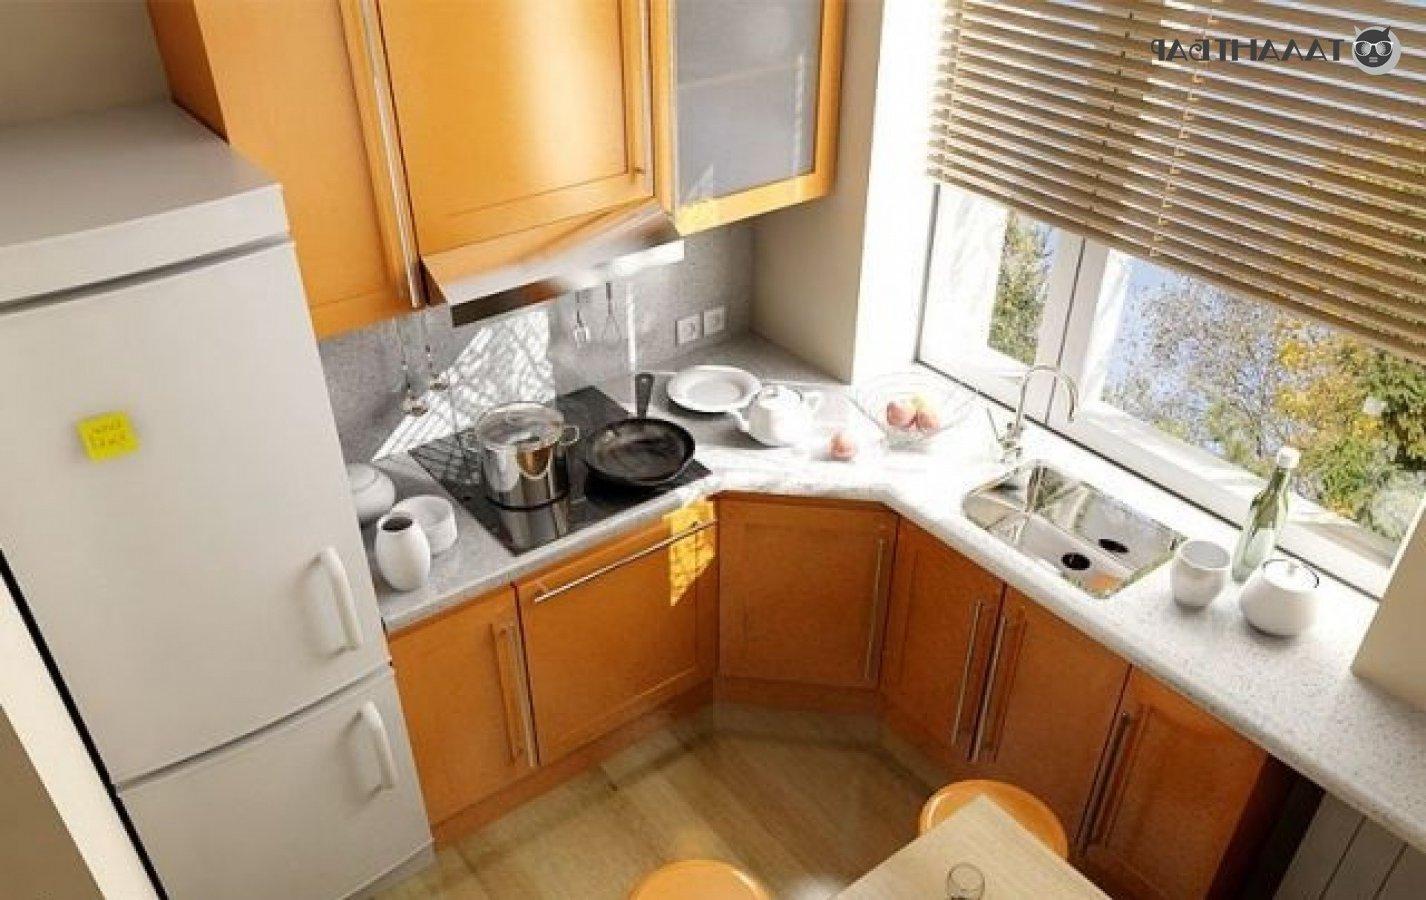 Дизайн угловой кухни в хрущевке с холодильником